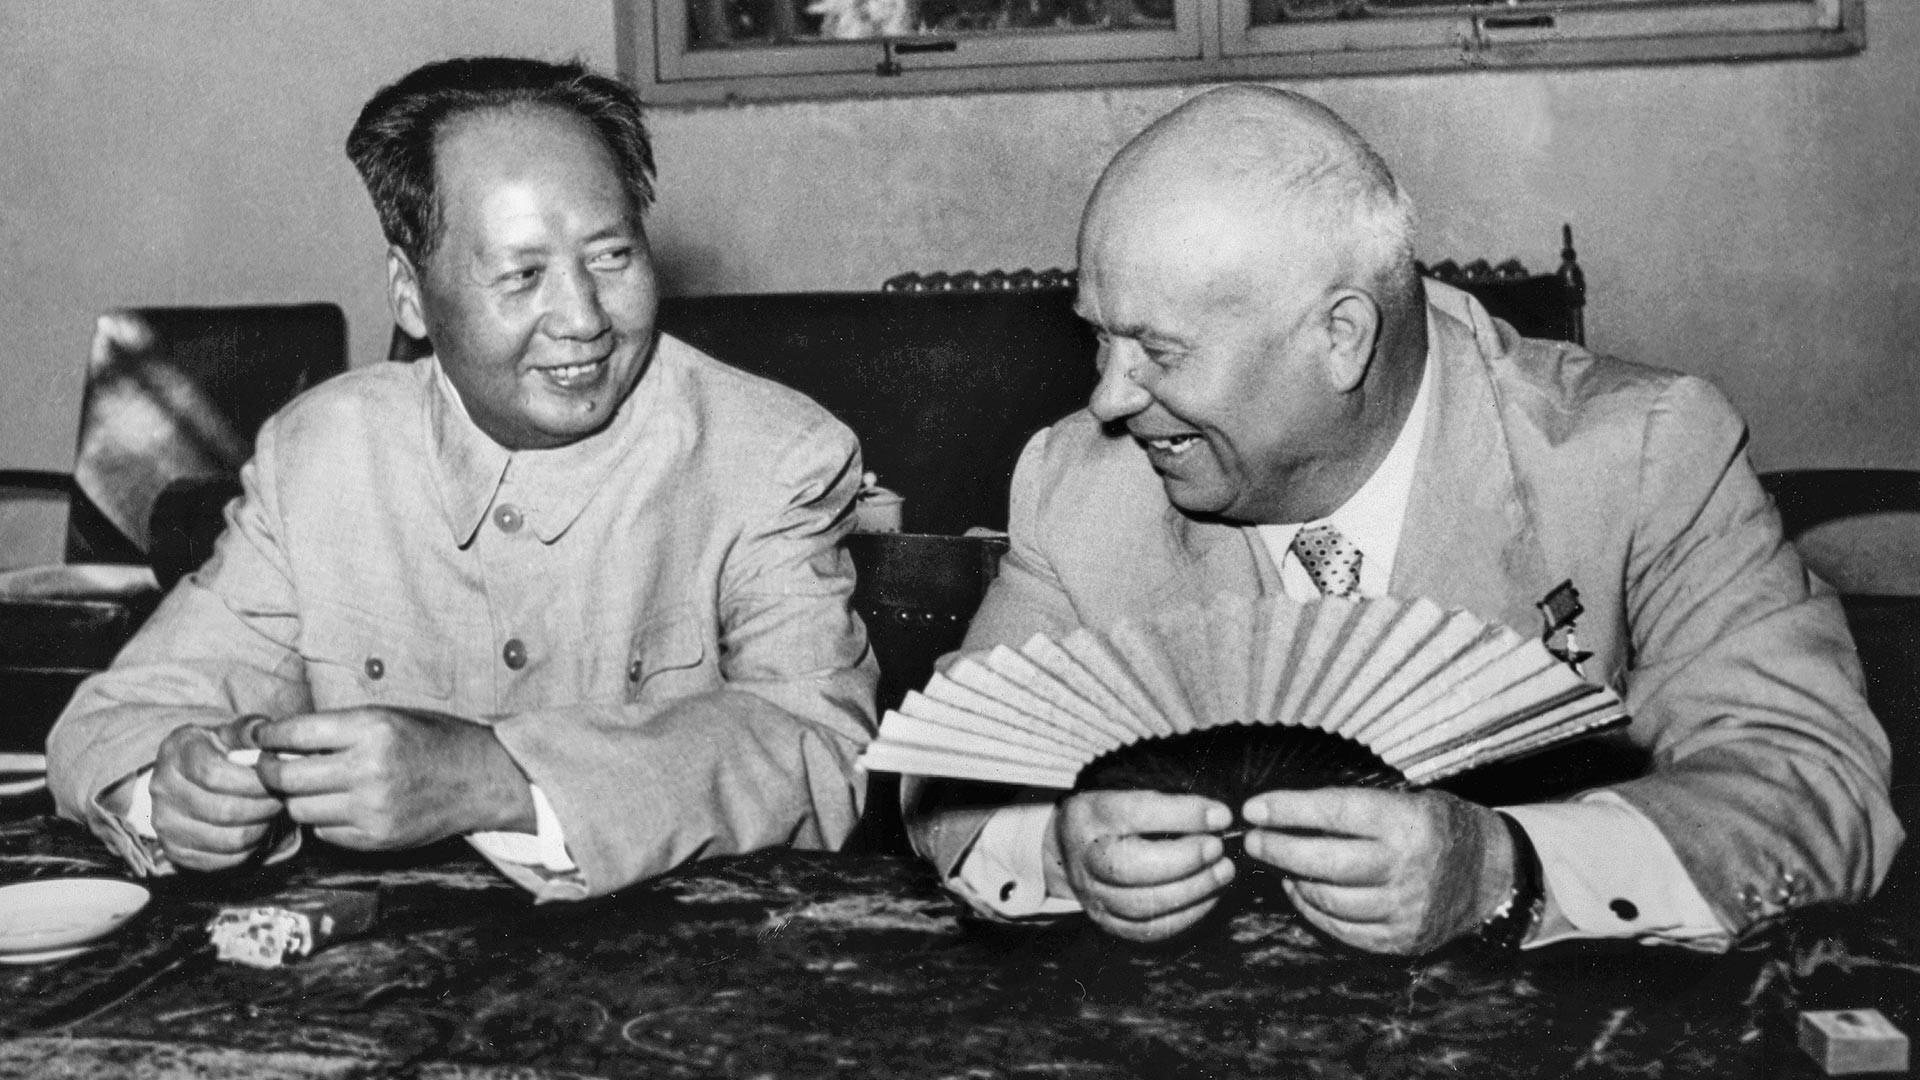 Никита Хрушчов шири и скупља кинеску лепезу док разговара са Мао Цедунгом за време посете Кини у августу 1958.